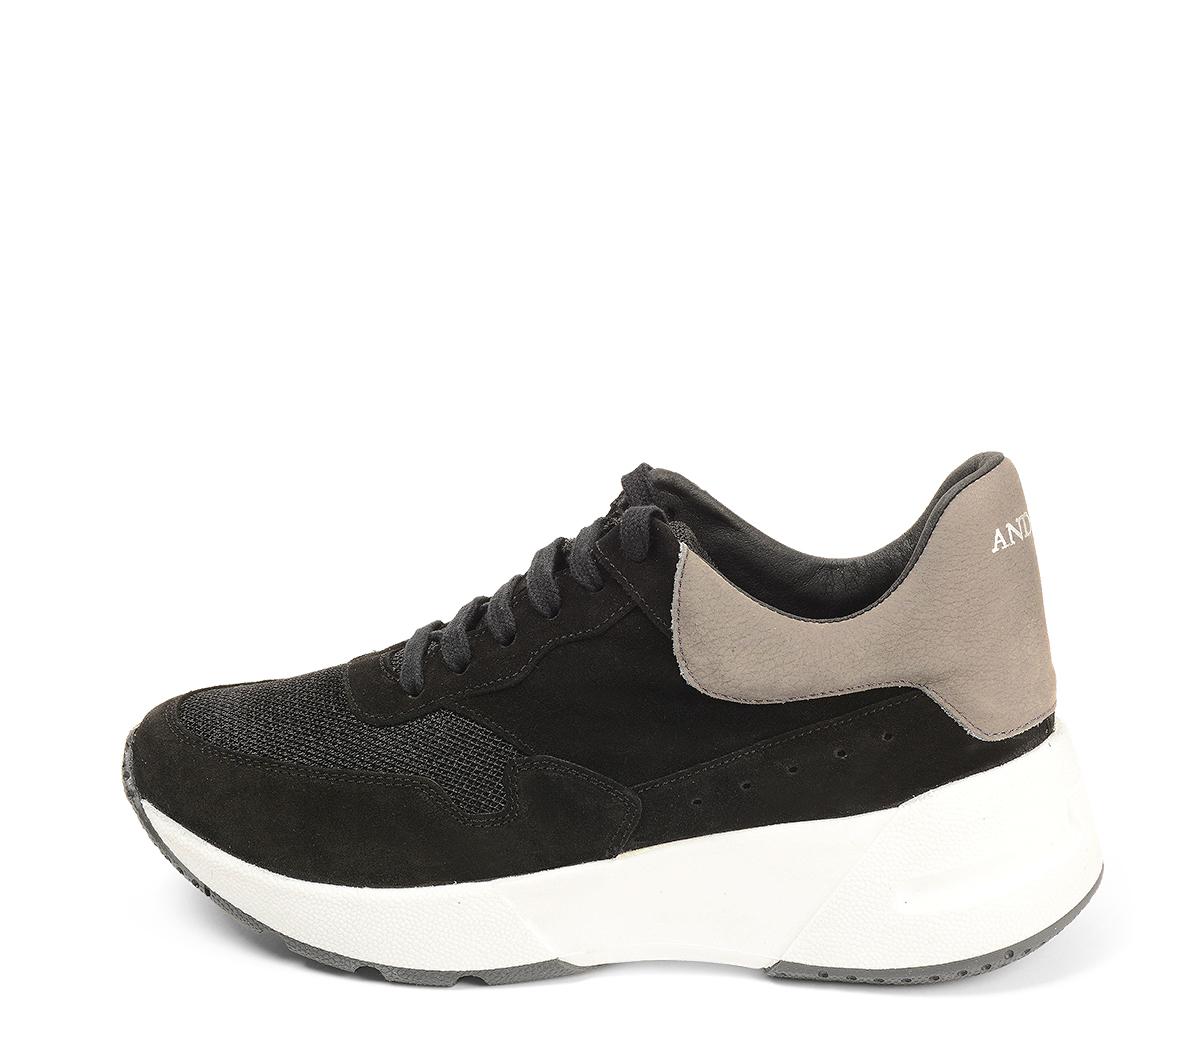 Ref. 4503 Sneaker serraje negro combinada con tela negra y piel en tono gris. Cordones negros. Suela blanca. Altura trasera 5 cm y delantera 3 cm. Plantilla anatomica.